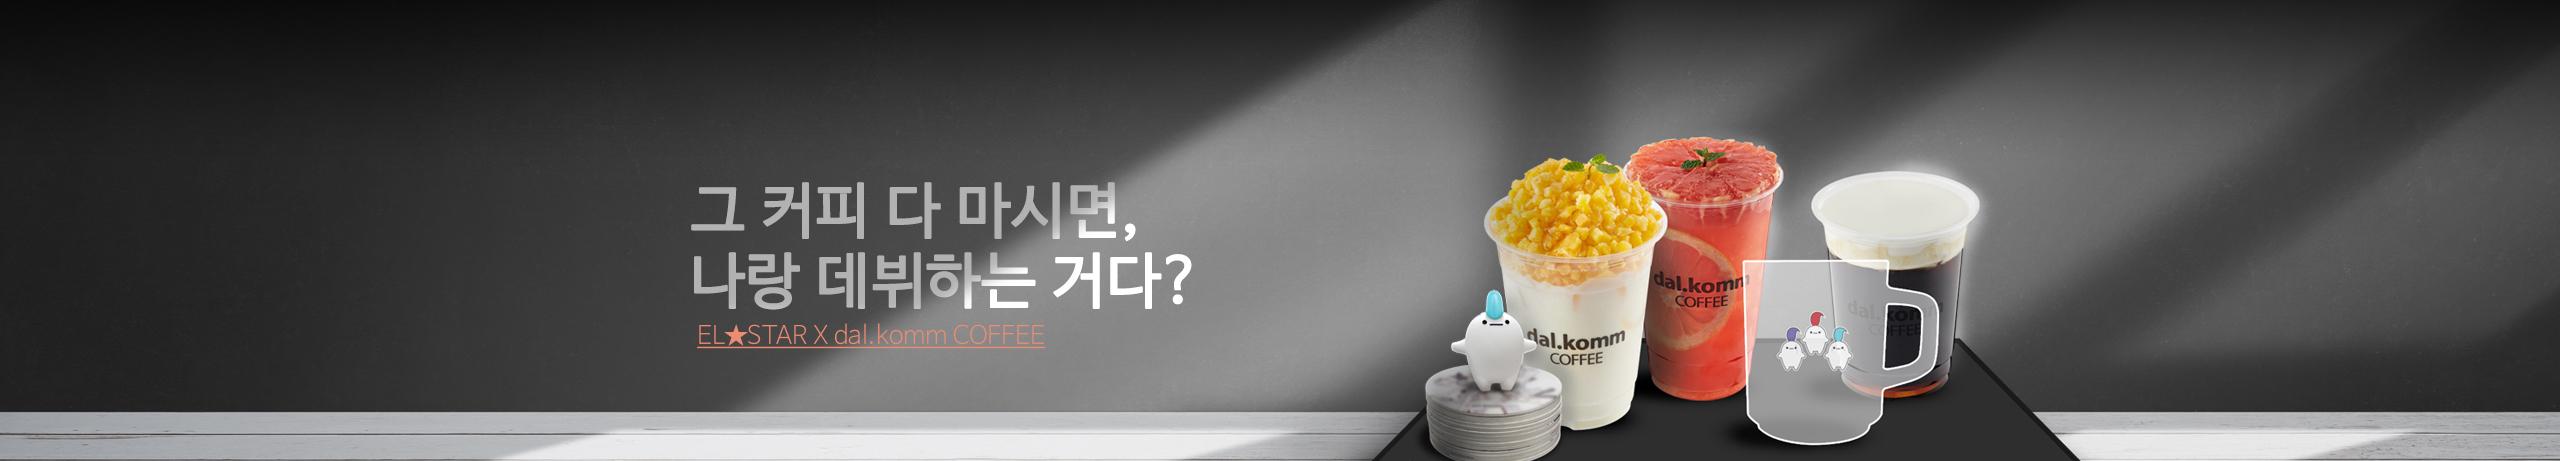 달콤커피 콜라보 공개 이동